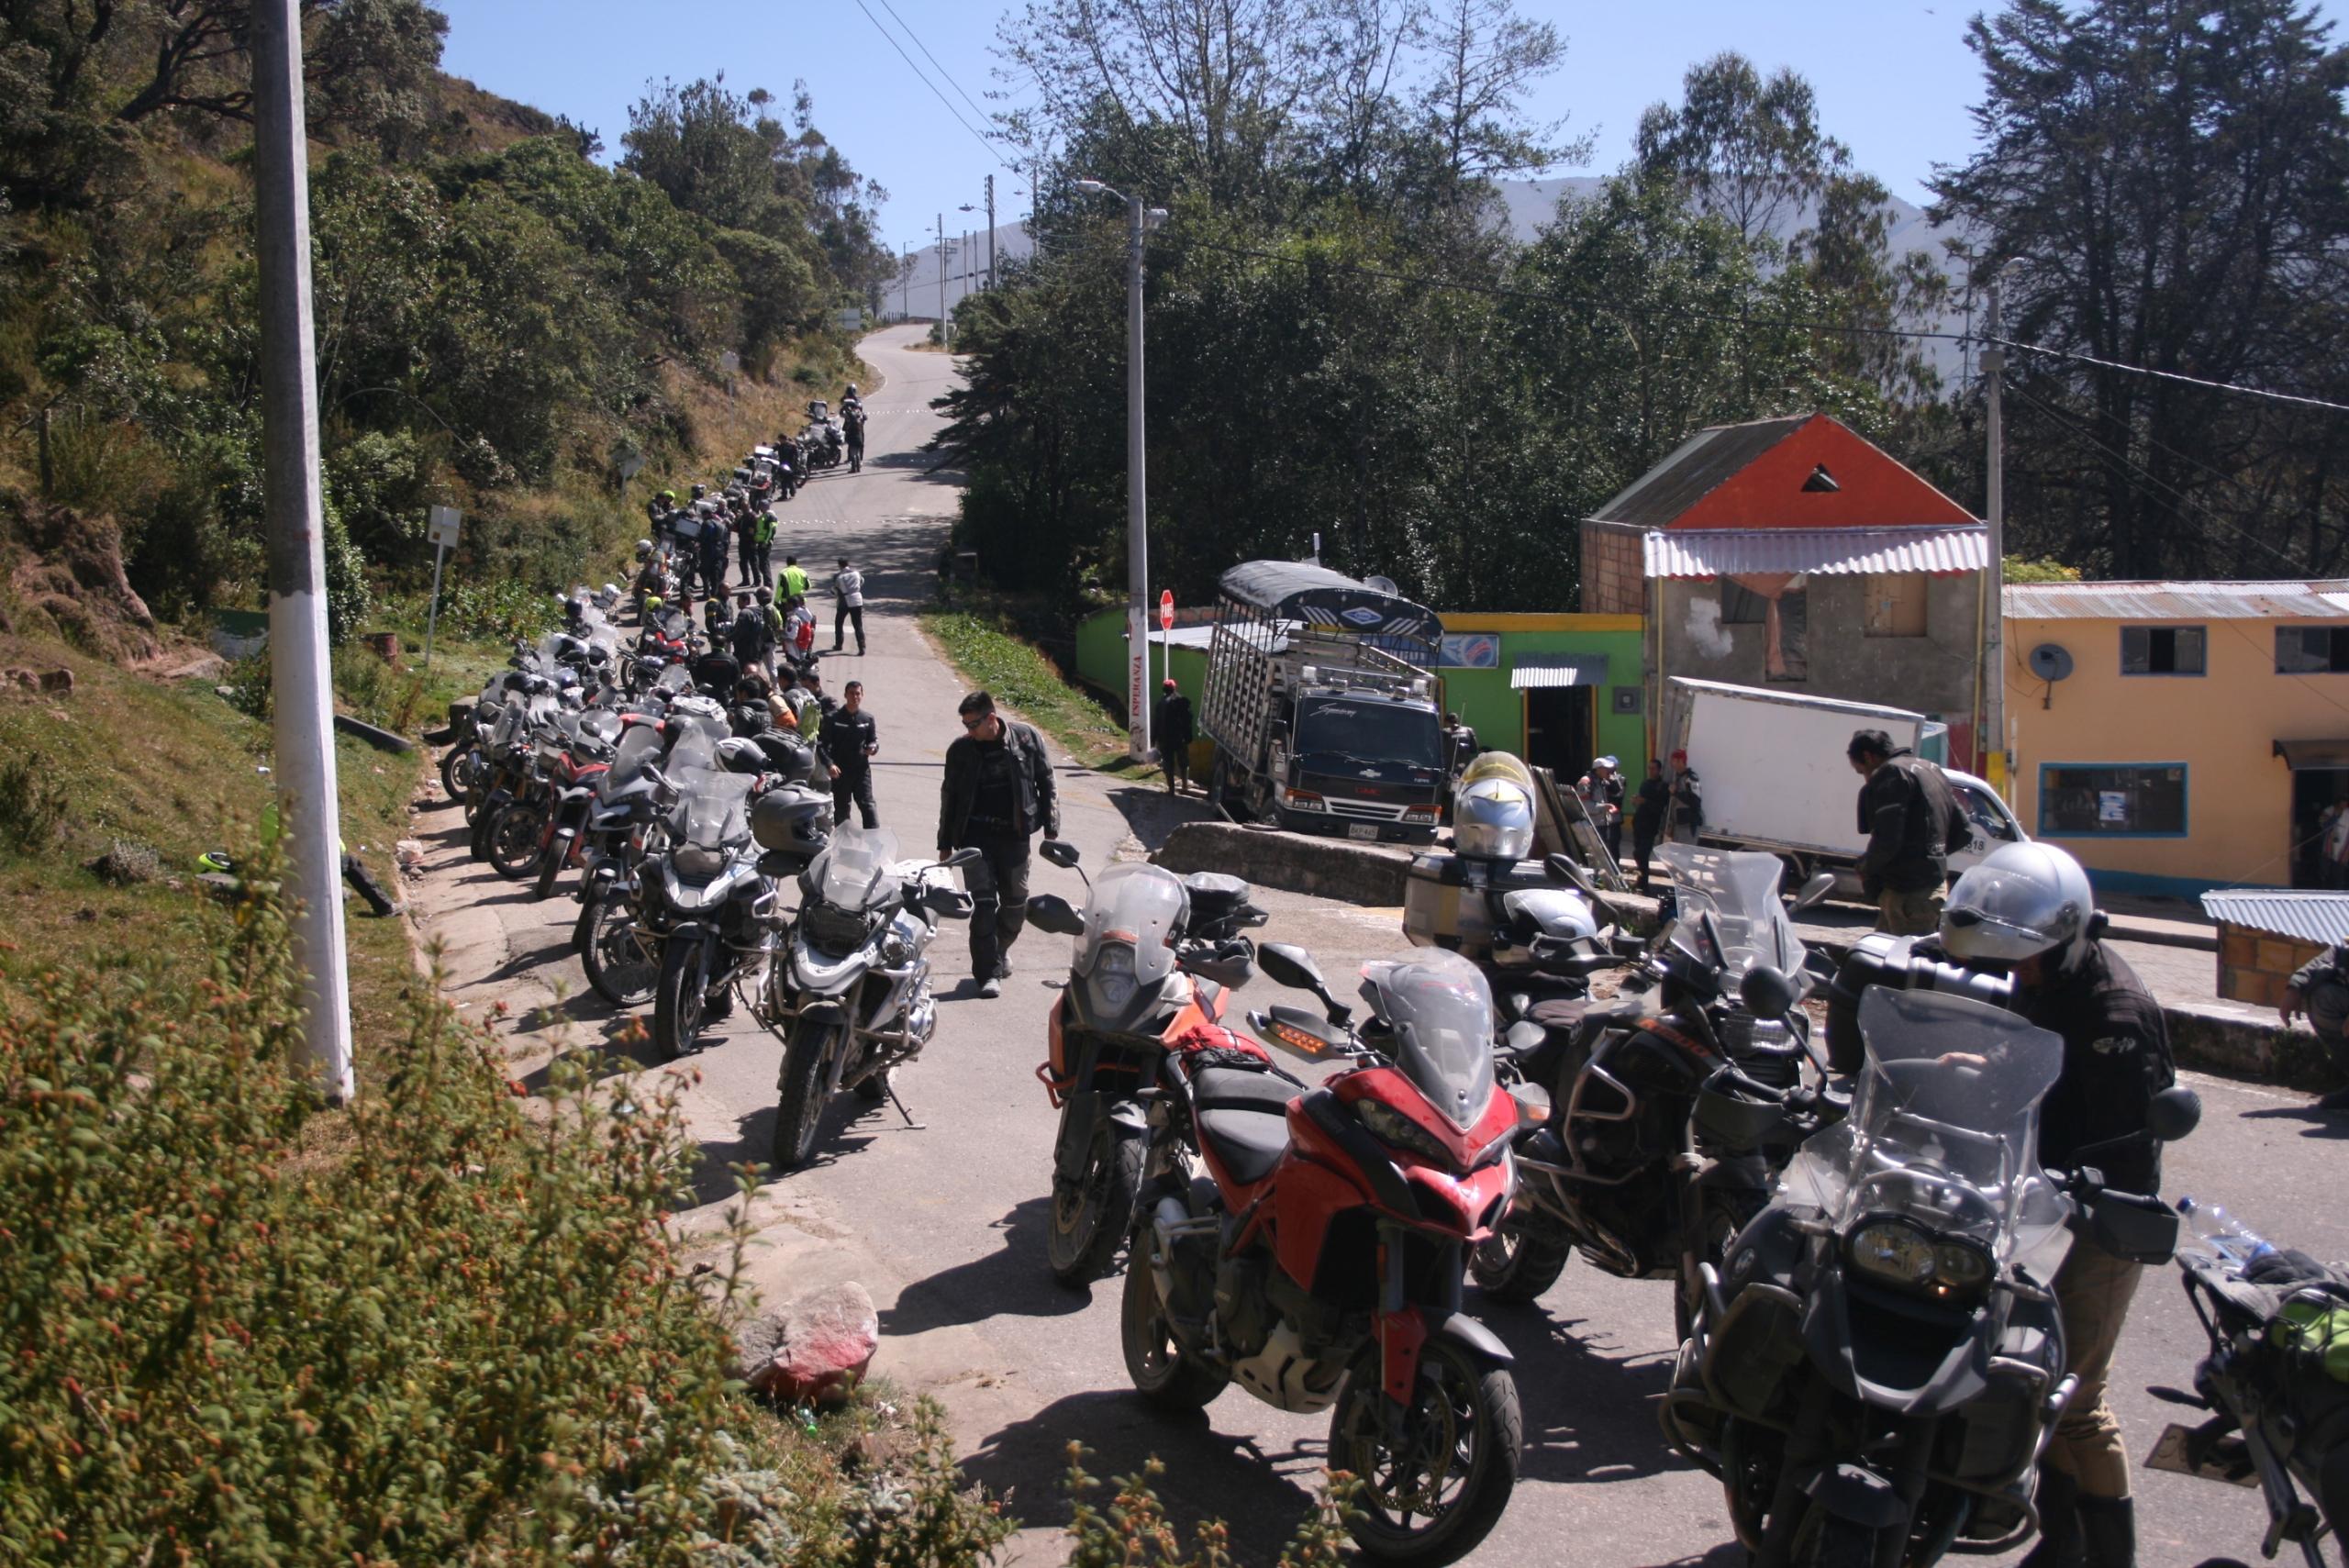 Parada en San Juan del Sumapaz - Foto de Catalina Bueno